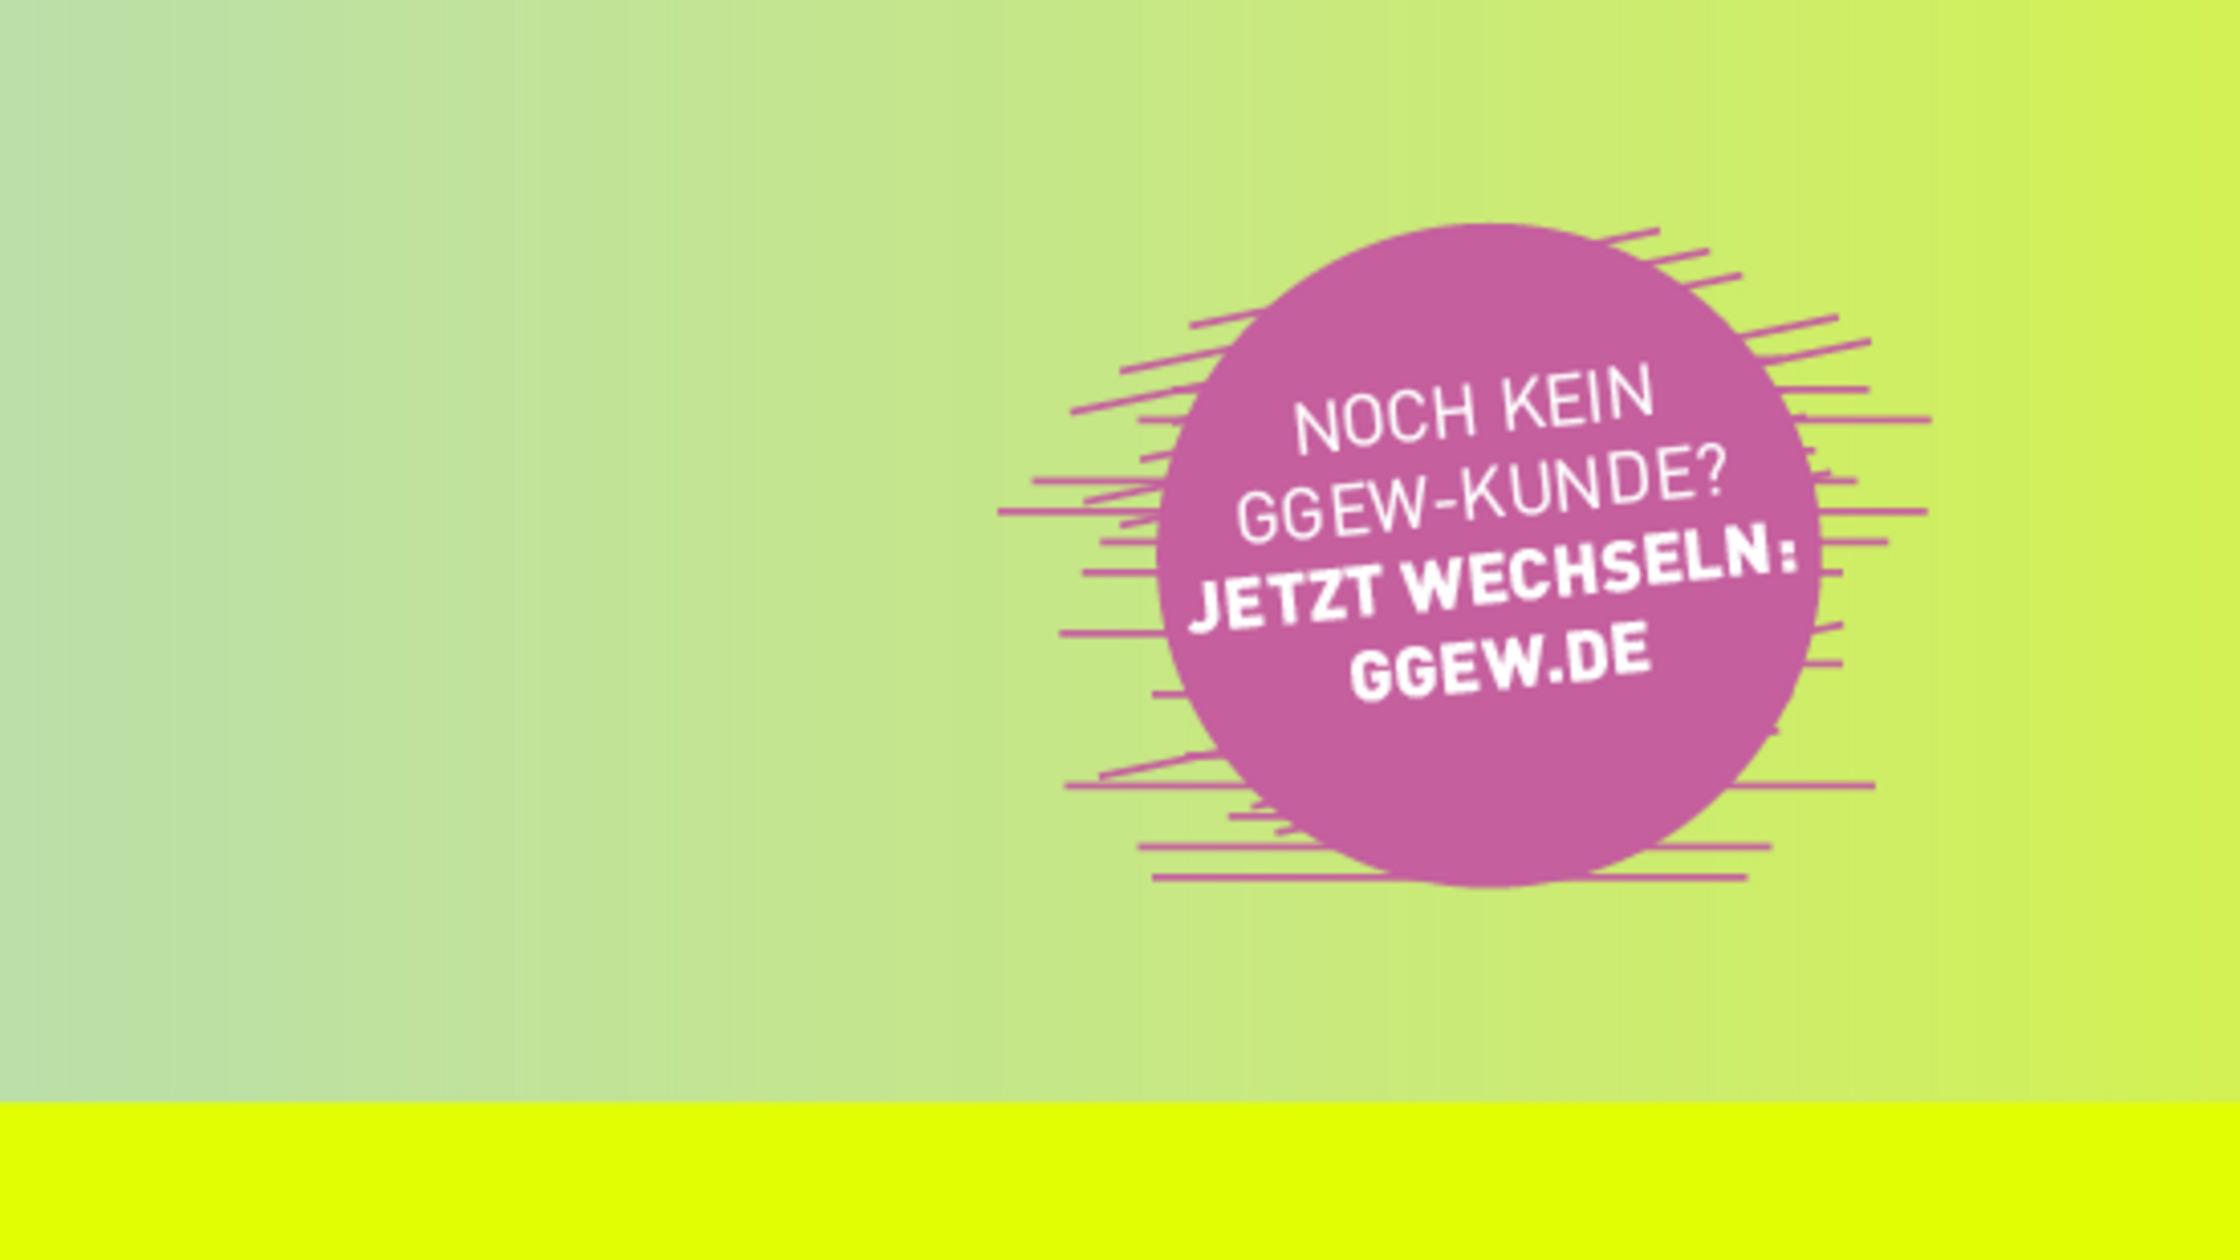 Schriftzug auf grünem Hintergrund